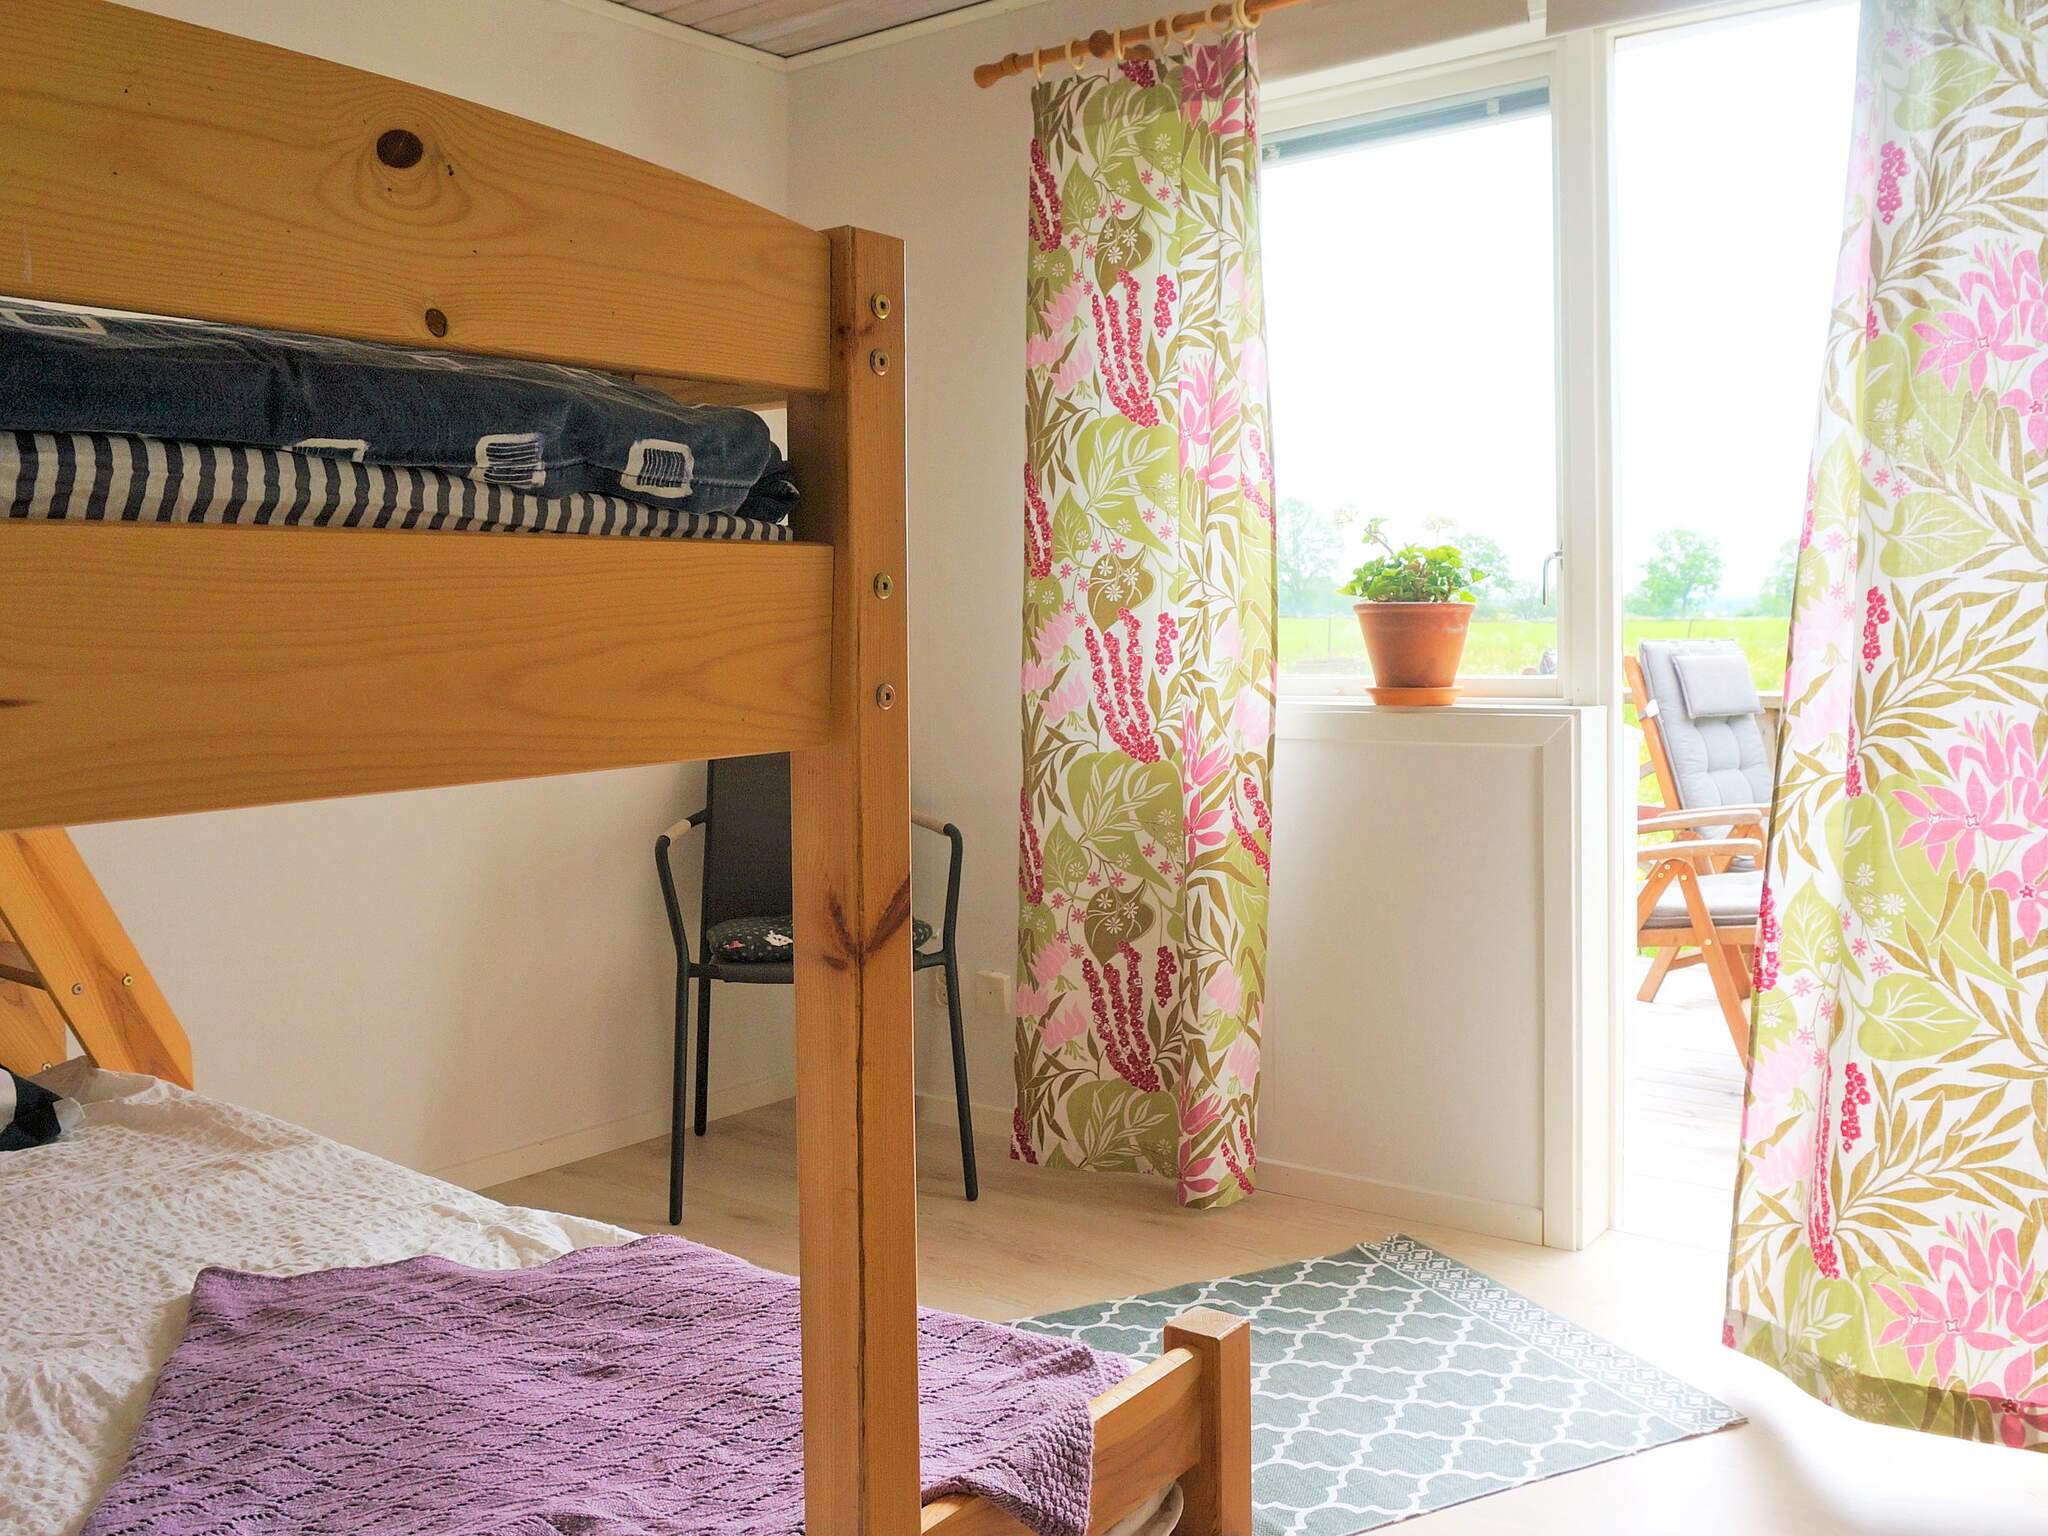 Ferienhaus Lidköping (2633224), Götene, Västra Götaland län, Westschweden, Schweden, Bild 5